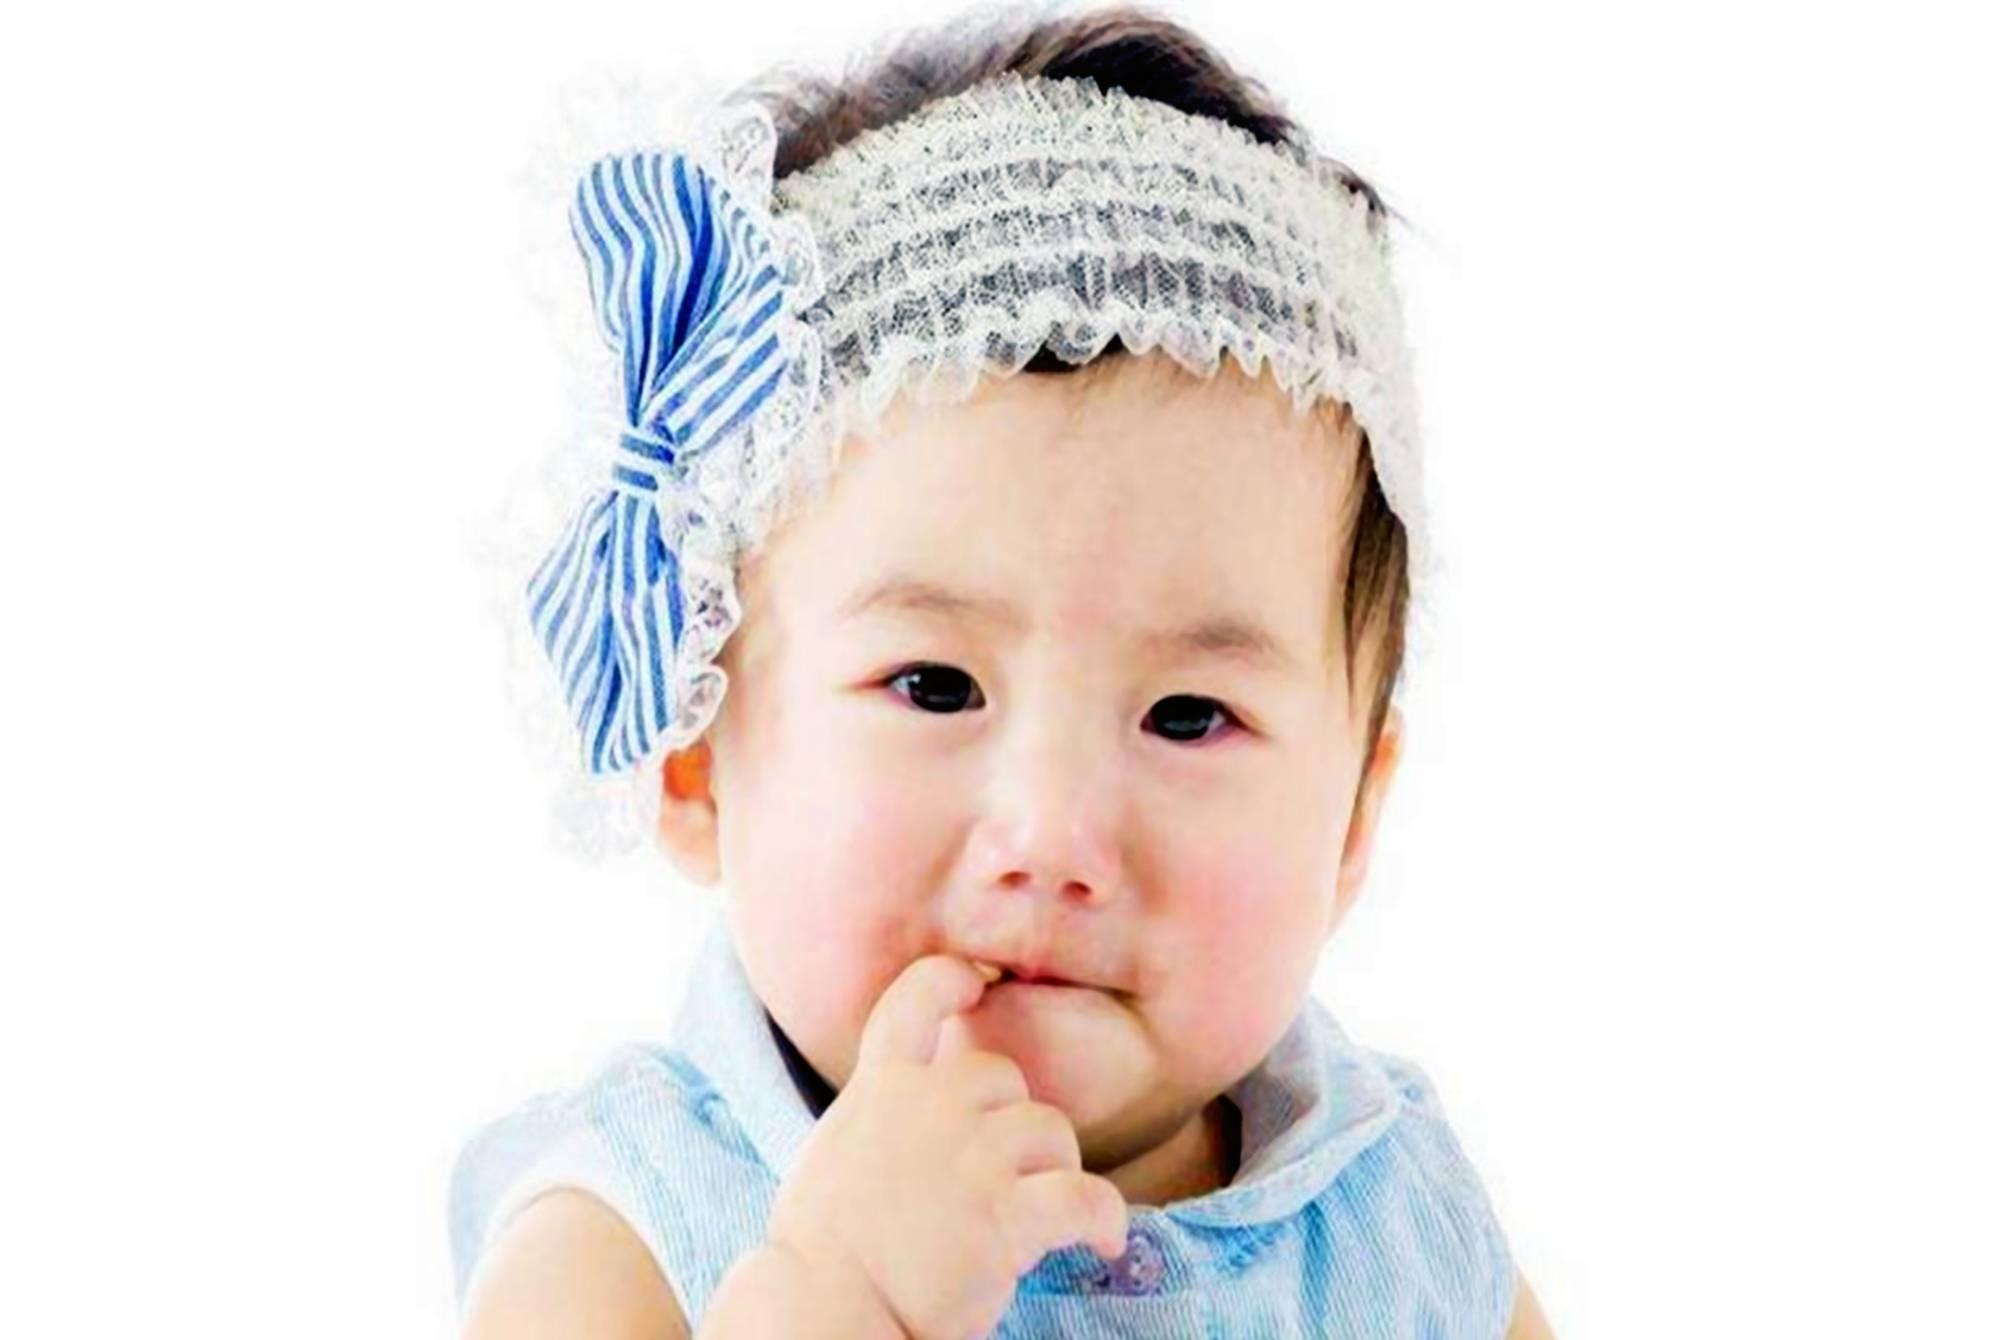 #隐患#要学会欲望遏制,8岁宝宝还吃手?口欲期埋下的隐患可能伴随一生